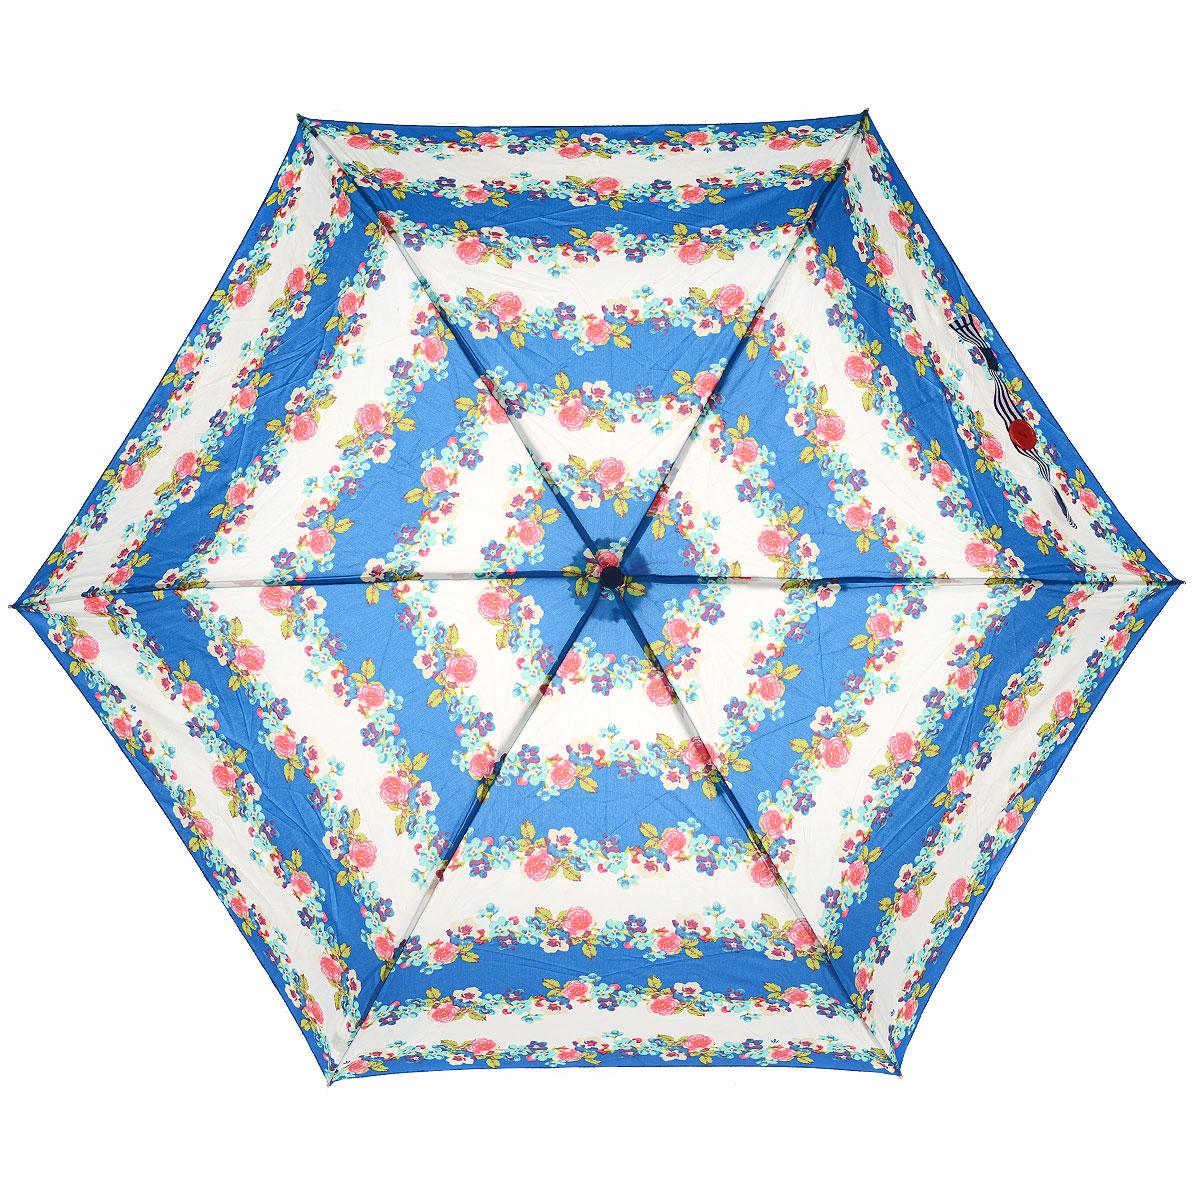 """Зонт женский Fulton Nautical Floral, механический, 3 сложения, цвет: синий45100636-1/18466/4900NСтильный компактный зонт Fulton """"Nautical Floral"""" даже в ненастную погоду позволит вам оставаться женственной и элегантной. """"Ветростойкий"""" алюминиевый каркас в 3 сложения состоит из шести спиц с элементами из фибергласса, зонт оснащен удобной рукояткой из прорезиненного пластика. Купол зонта выполнен из прочного полиэстера и оформлен цветочным принтом. На рукоятке для удобства есть небольшой шнурок, позволяющий надеть зонт на руку тогда, когда это будет необходимо. Зонт механического сложения: купол открывается и закрывается вручную, стержень также складывается вручную до характерного щелчка. Характеристики: Материал: алюминий, фибергласс, пластик, полиэстер. Цвет: синий. Диаметр купола: 86 см. Длина зонта в сложенном виде: 22 см. Длина ручки (стержня) в раскрытом виде:52 см.Вес: 138 г.Диаметр зонта (в сложенном виде): 3 см. Артикул:L553 3S2507."""